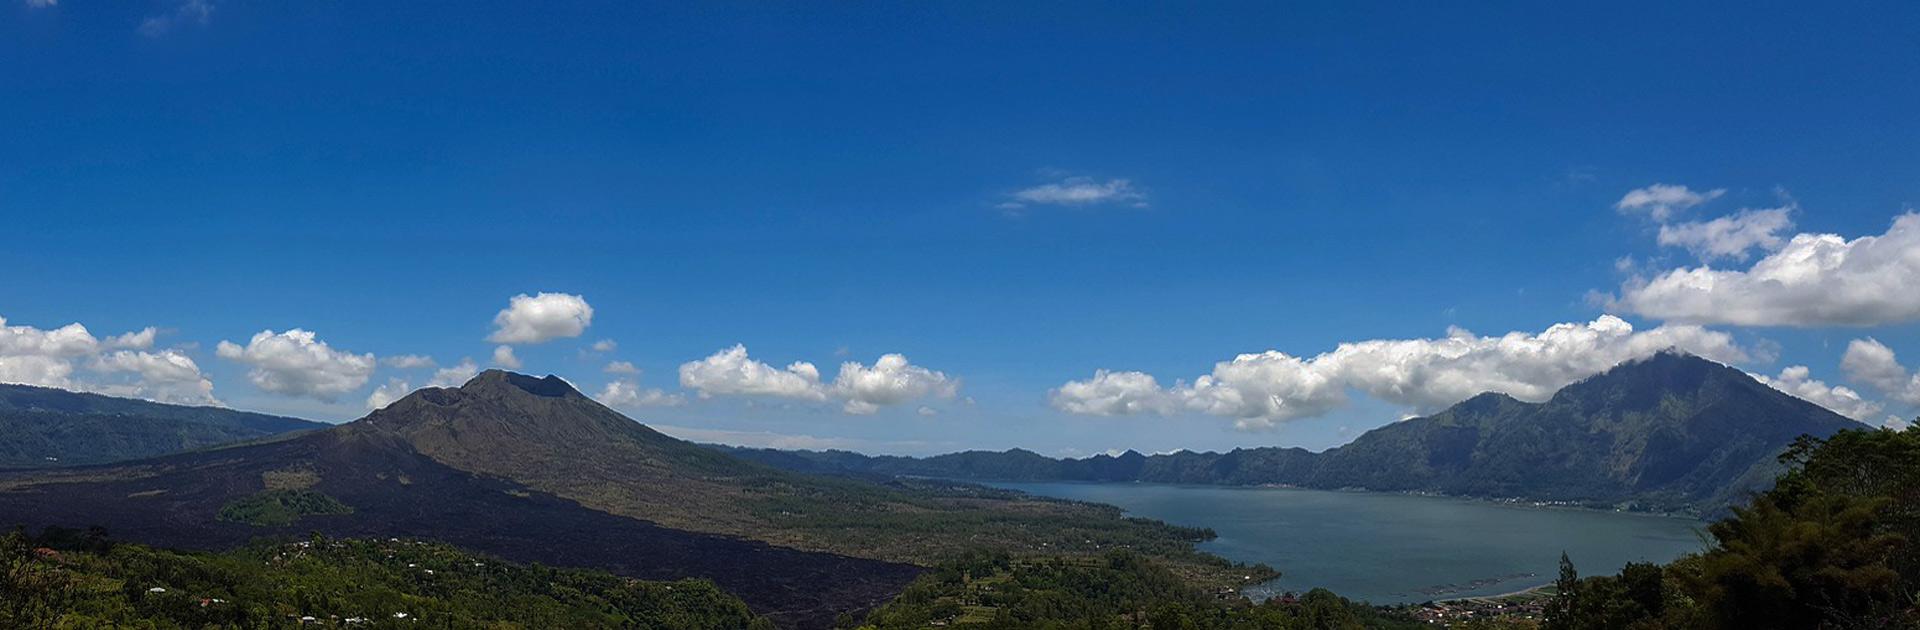 ID Bali y Komodo 12 días 2